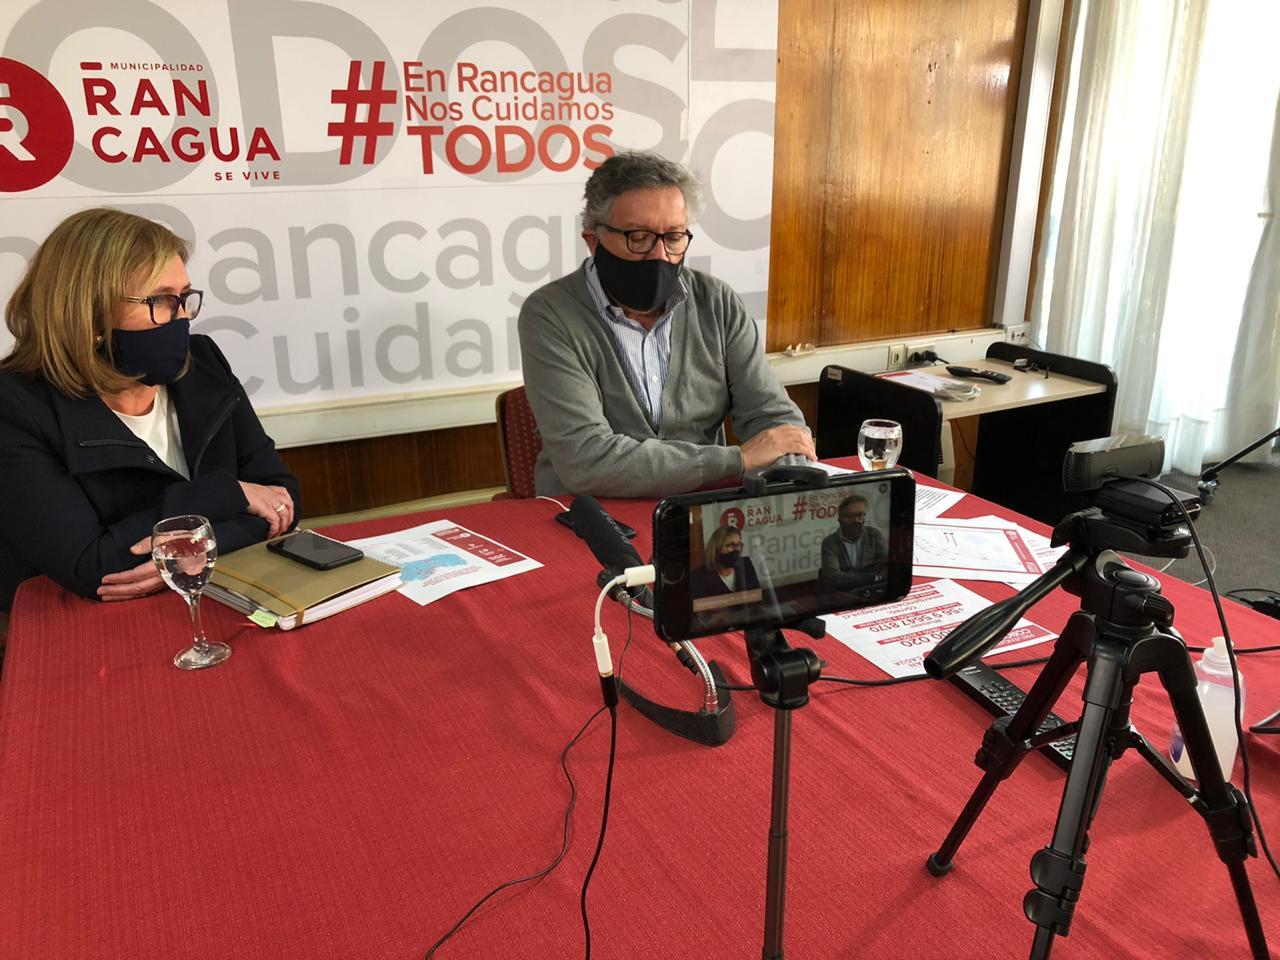 Alcalde Eduardo Soto pide a Intendenta que implemente cuarentena en Rancagua